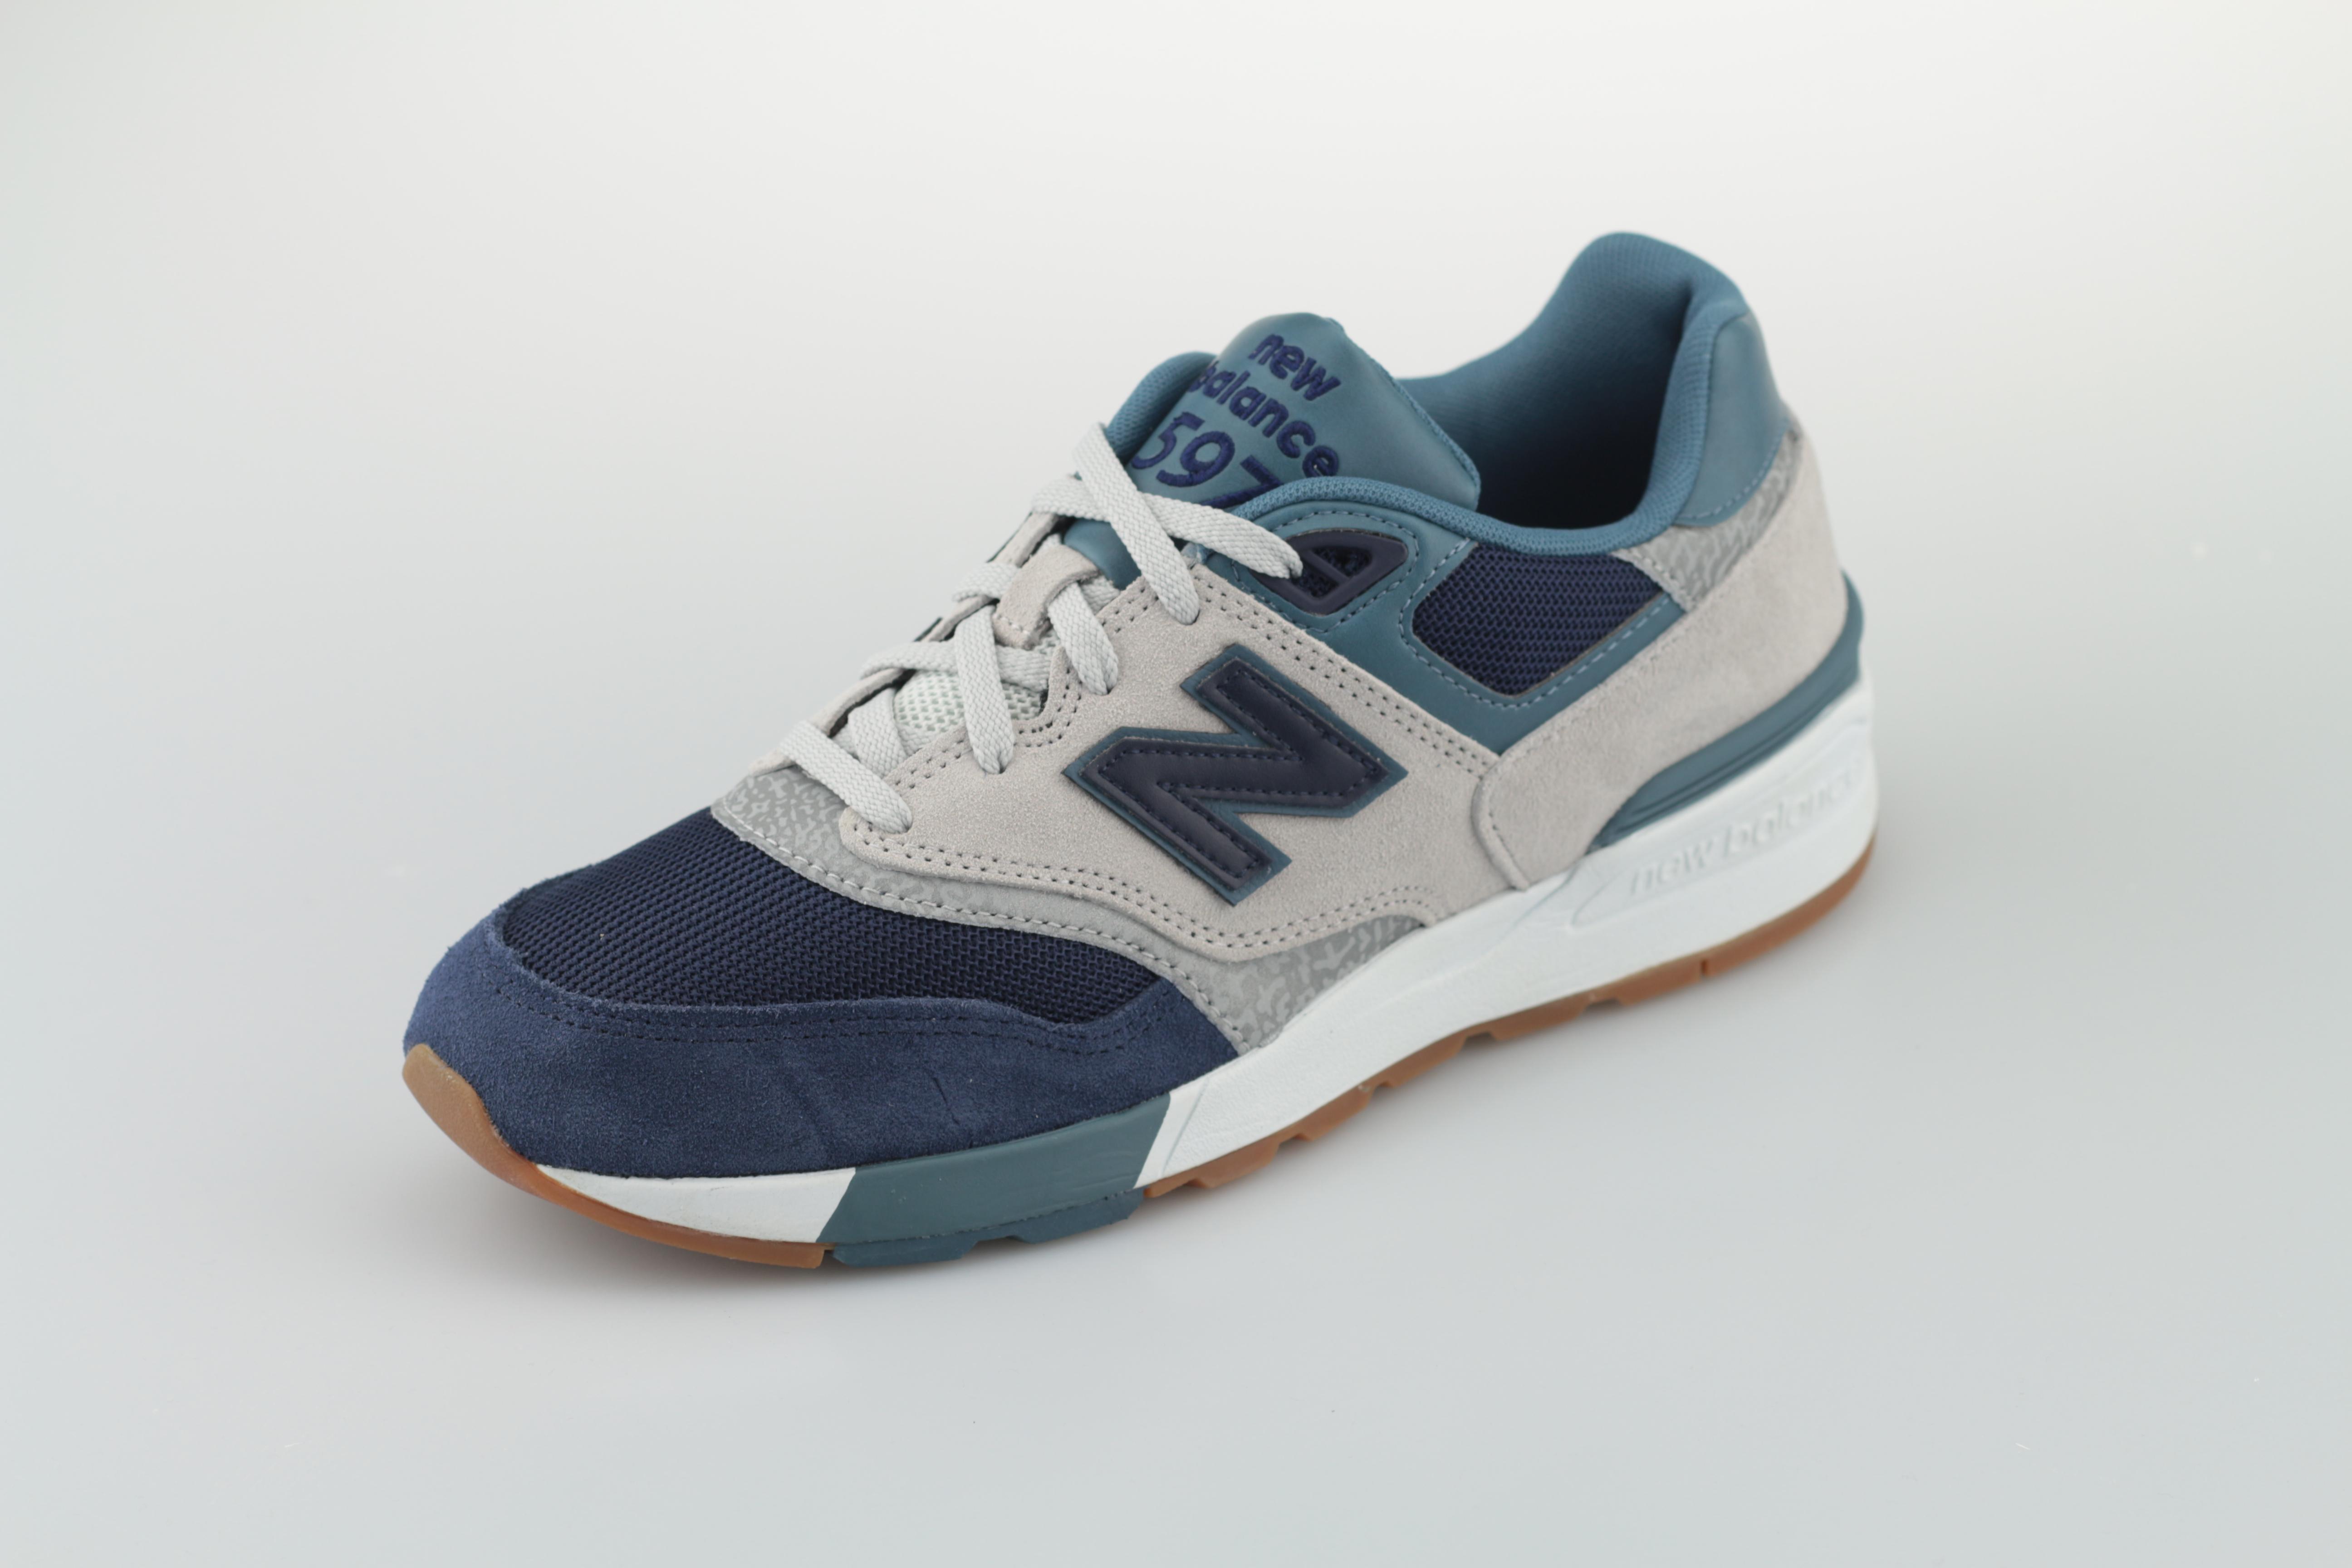 new-balance-ml-597-ngt-nimbus-cloud-657361-6010-2